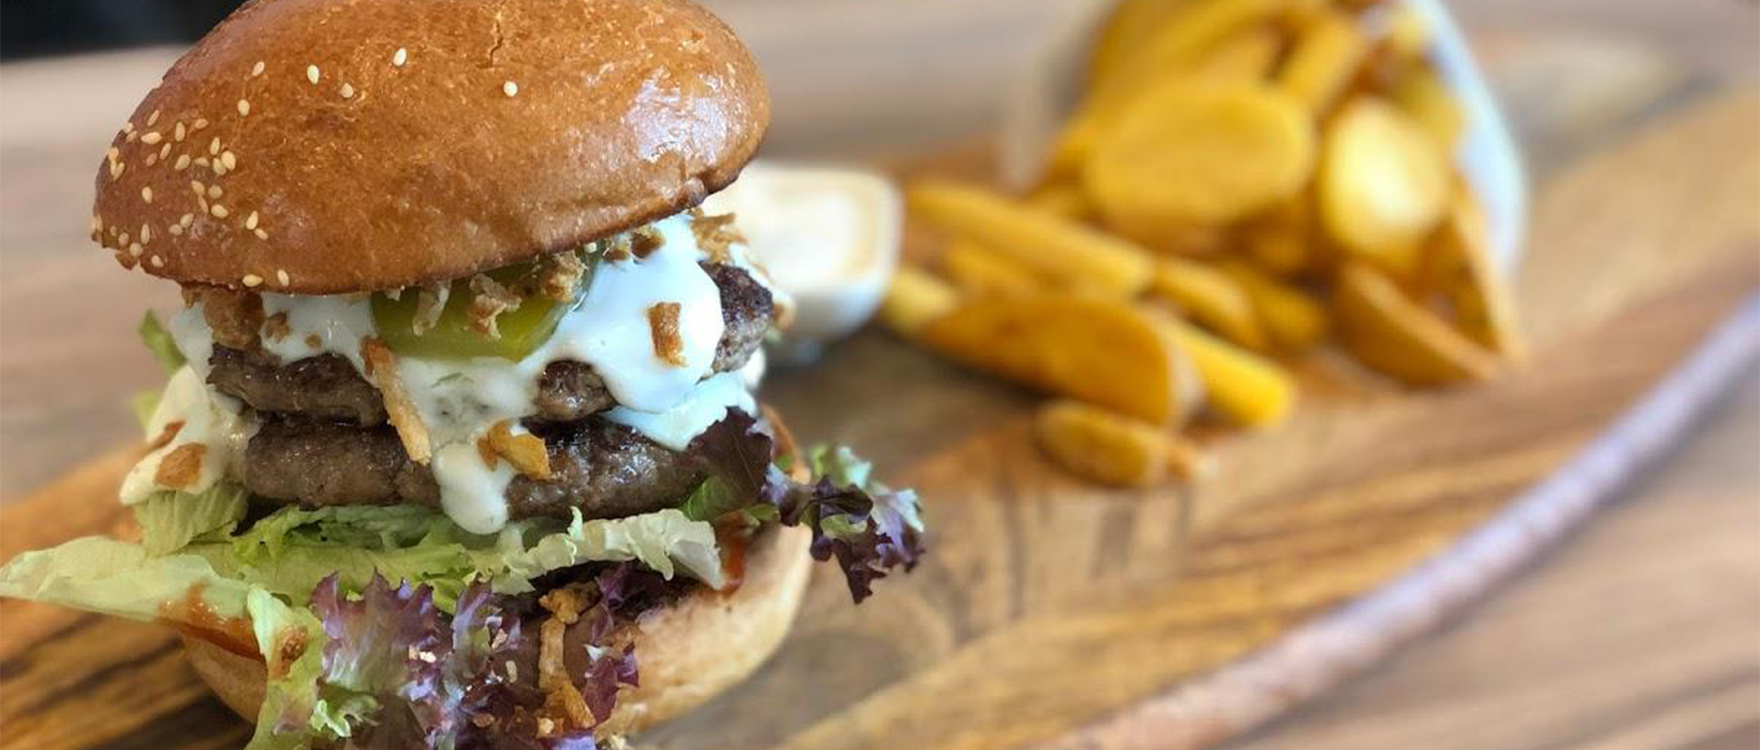 burgermeister-mainz-banner-006